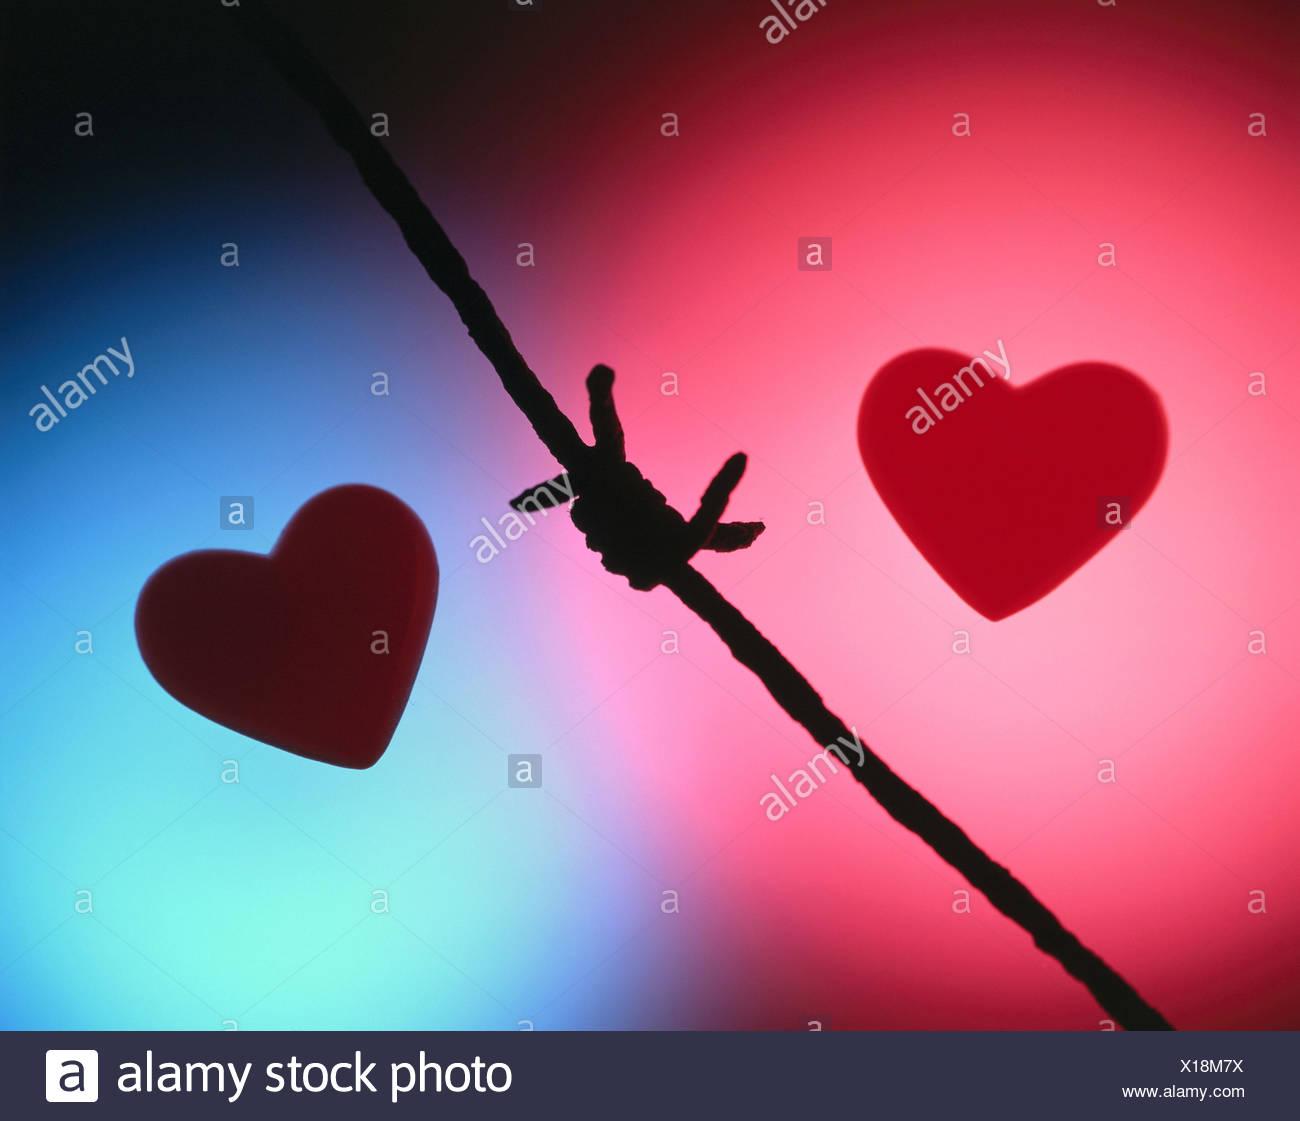 End Of Love Affair Stock Photos & End Of Love Affair Stock